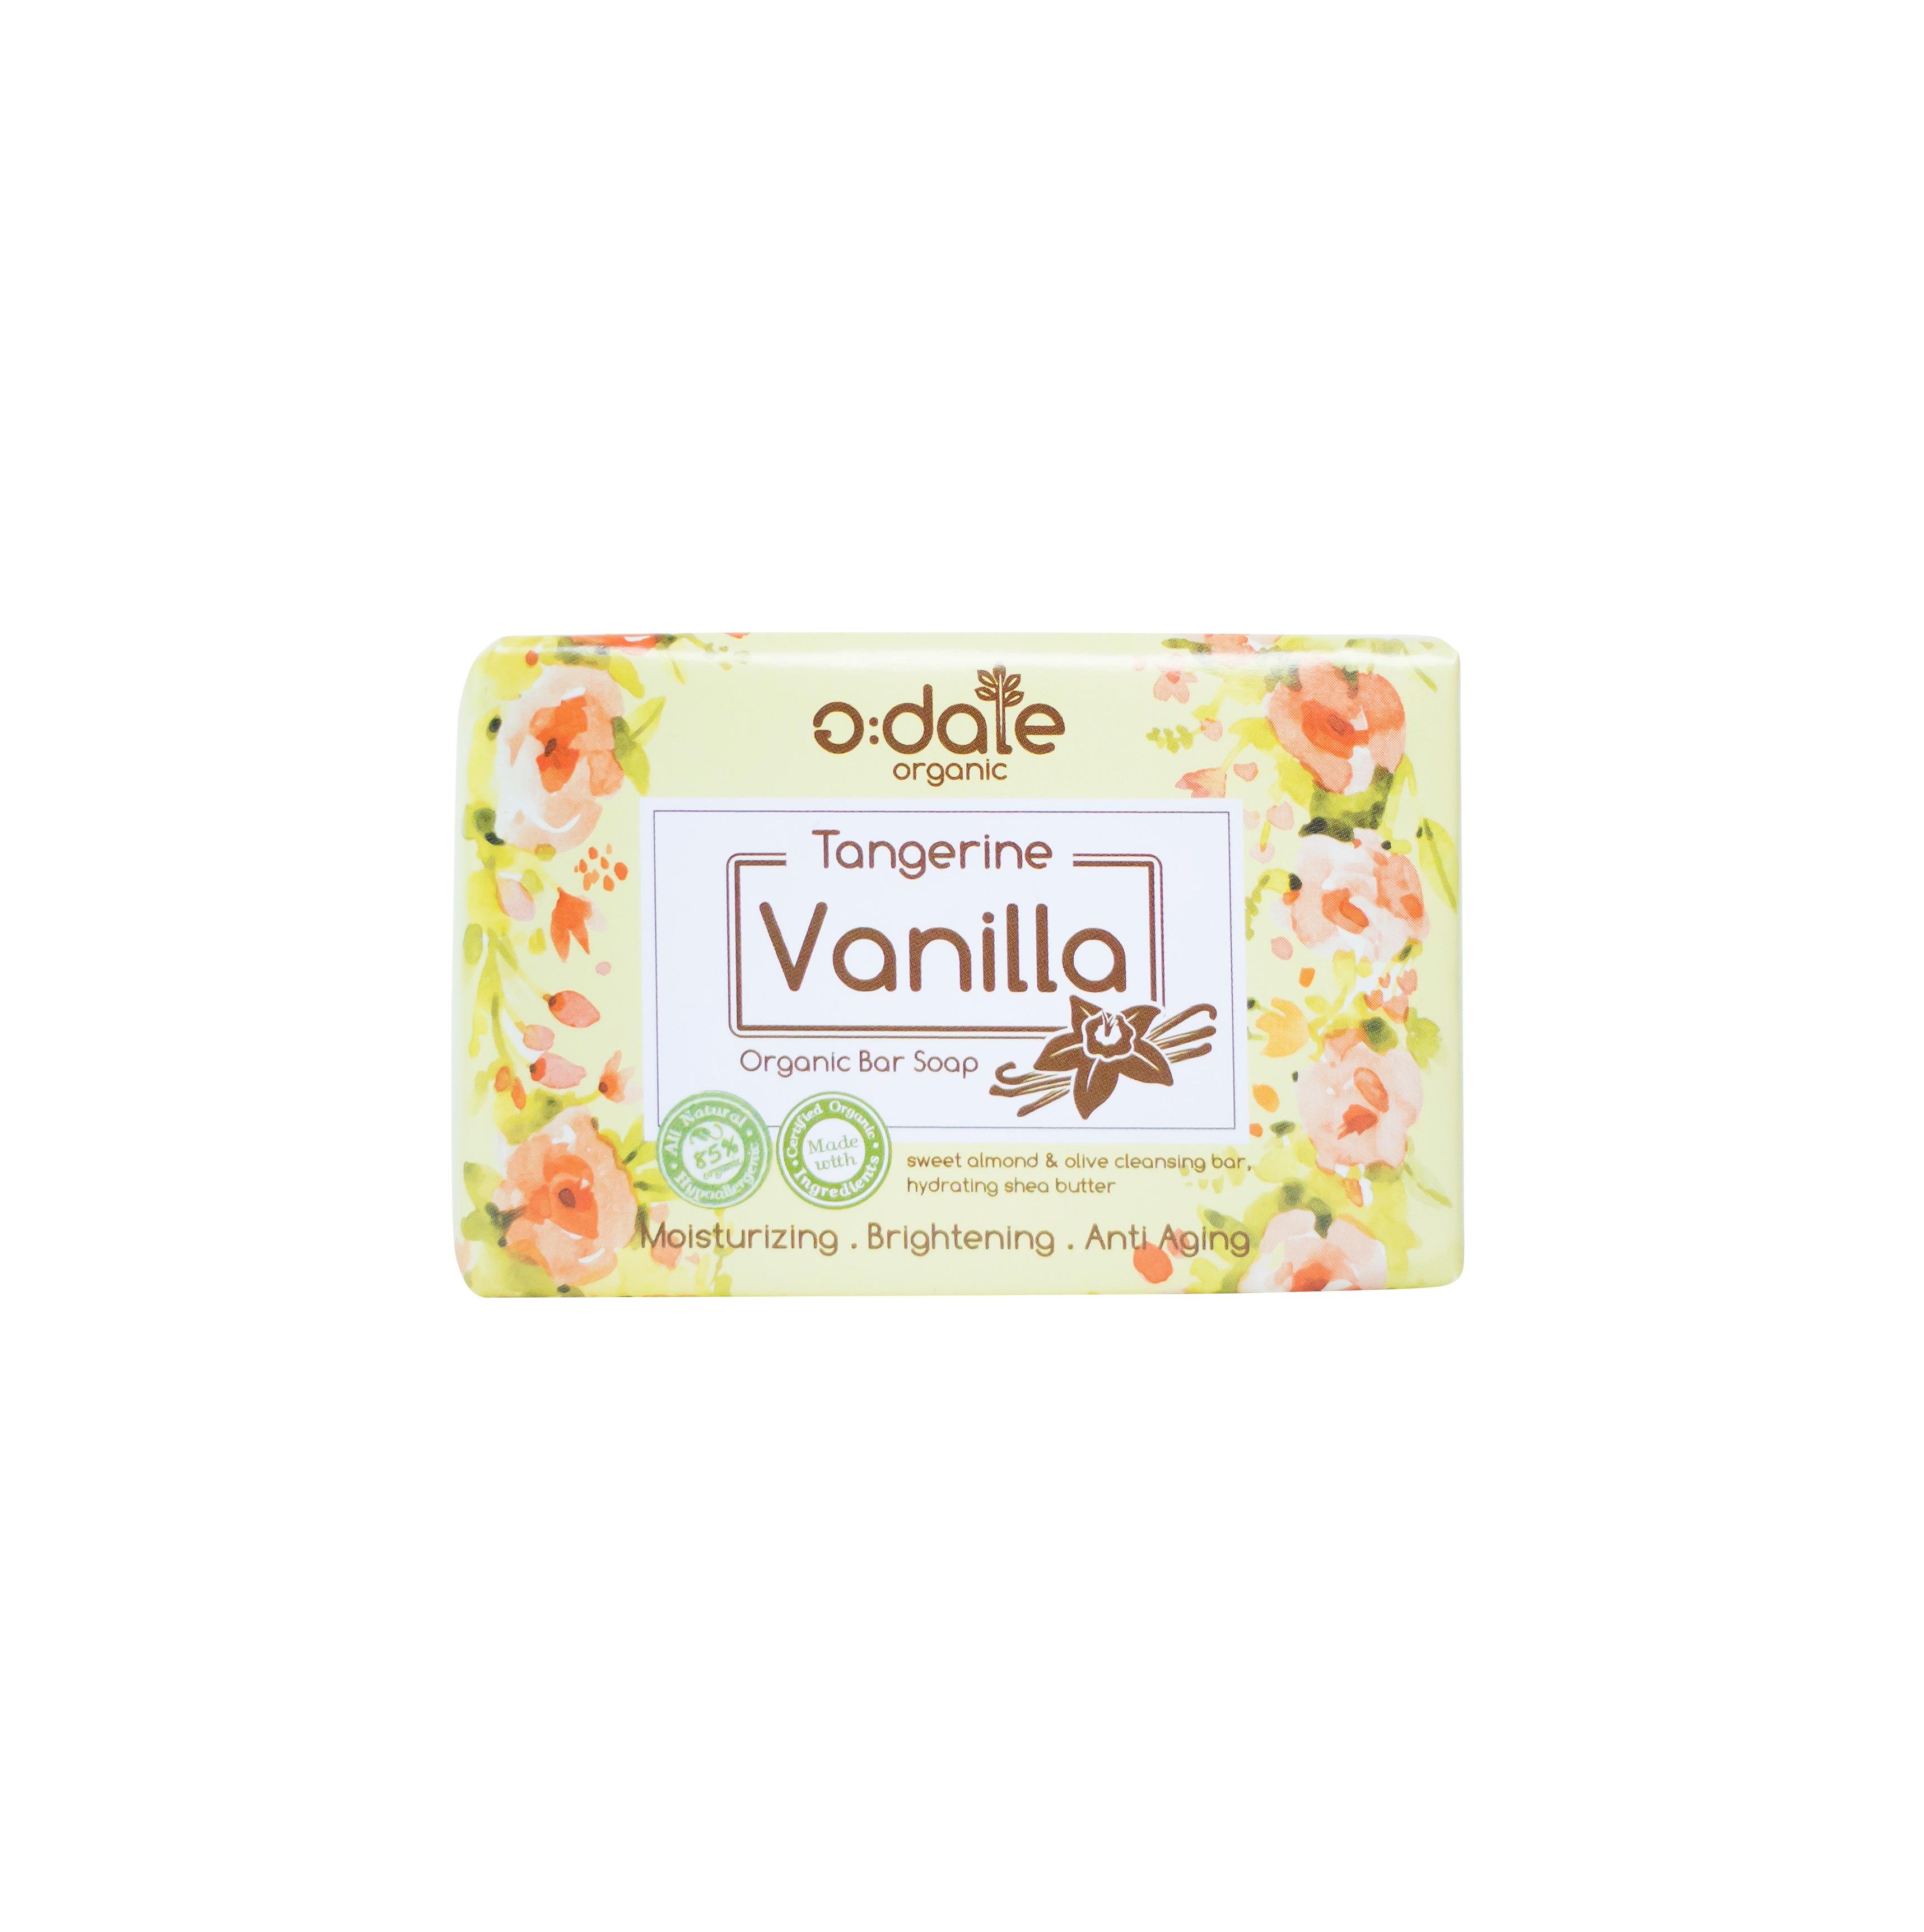 สบู่ออร์แกนิคแฮนด์เมด กลิ่น tangerine vanilla 100 g.